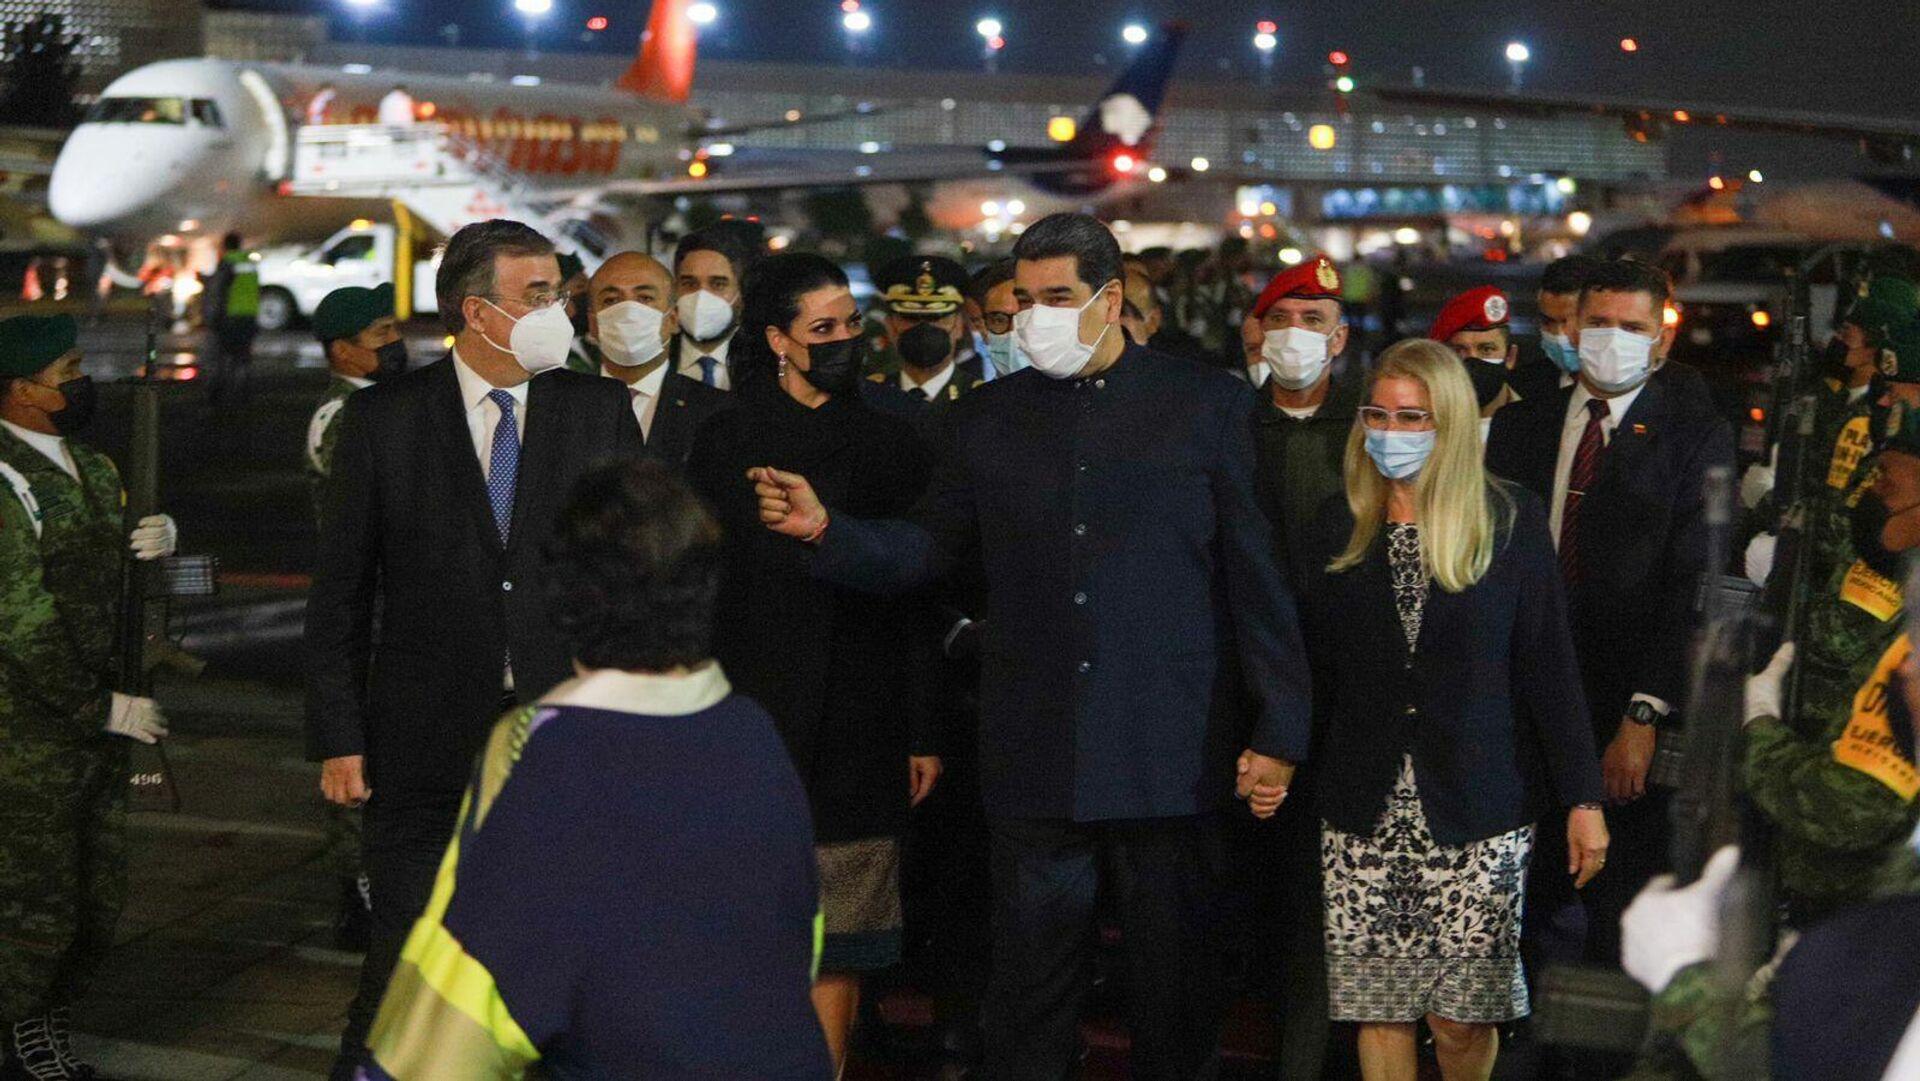 El canciller de México, Marcelo Ebrard, recibe al presidente de Venezuela, Nicolas Maduro, en Ciudad de México, México - Sputnik Mundo, 1920, 18.09.2021